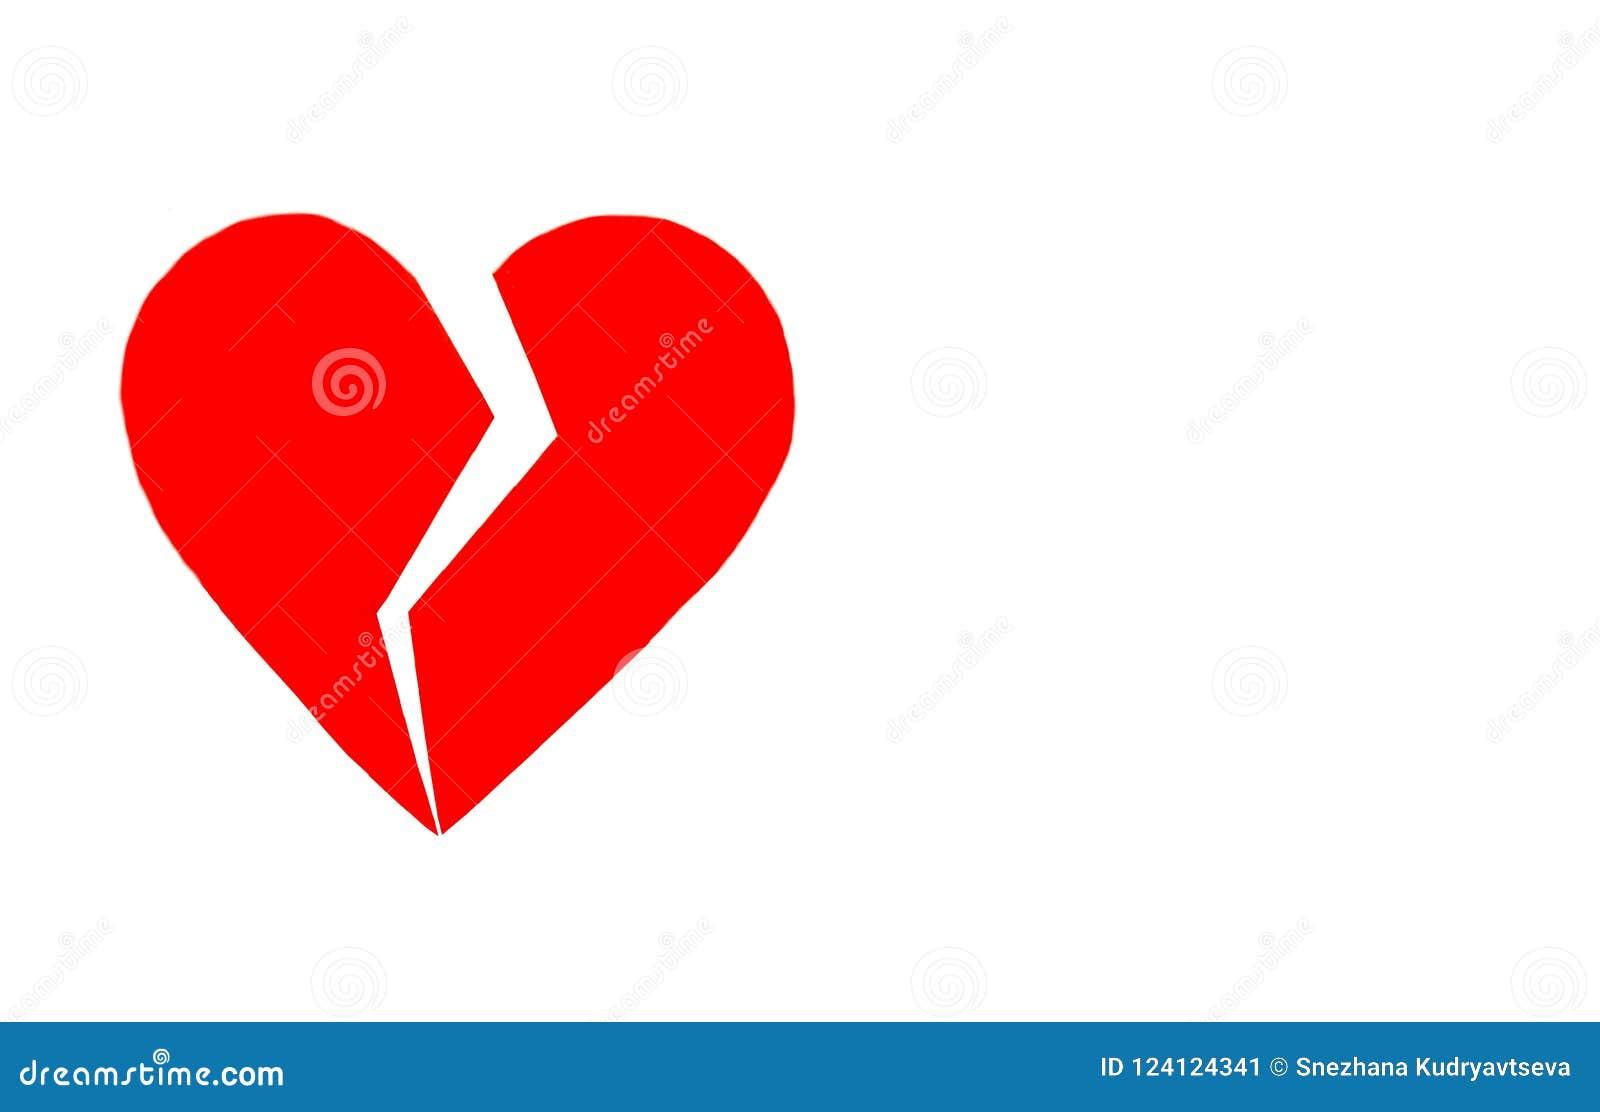 Ein defektes Herz kann nicht zusammen genäht werden oder geklebt werden